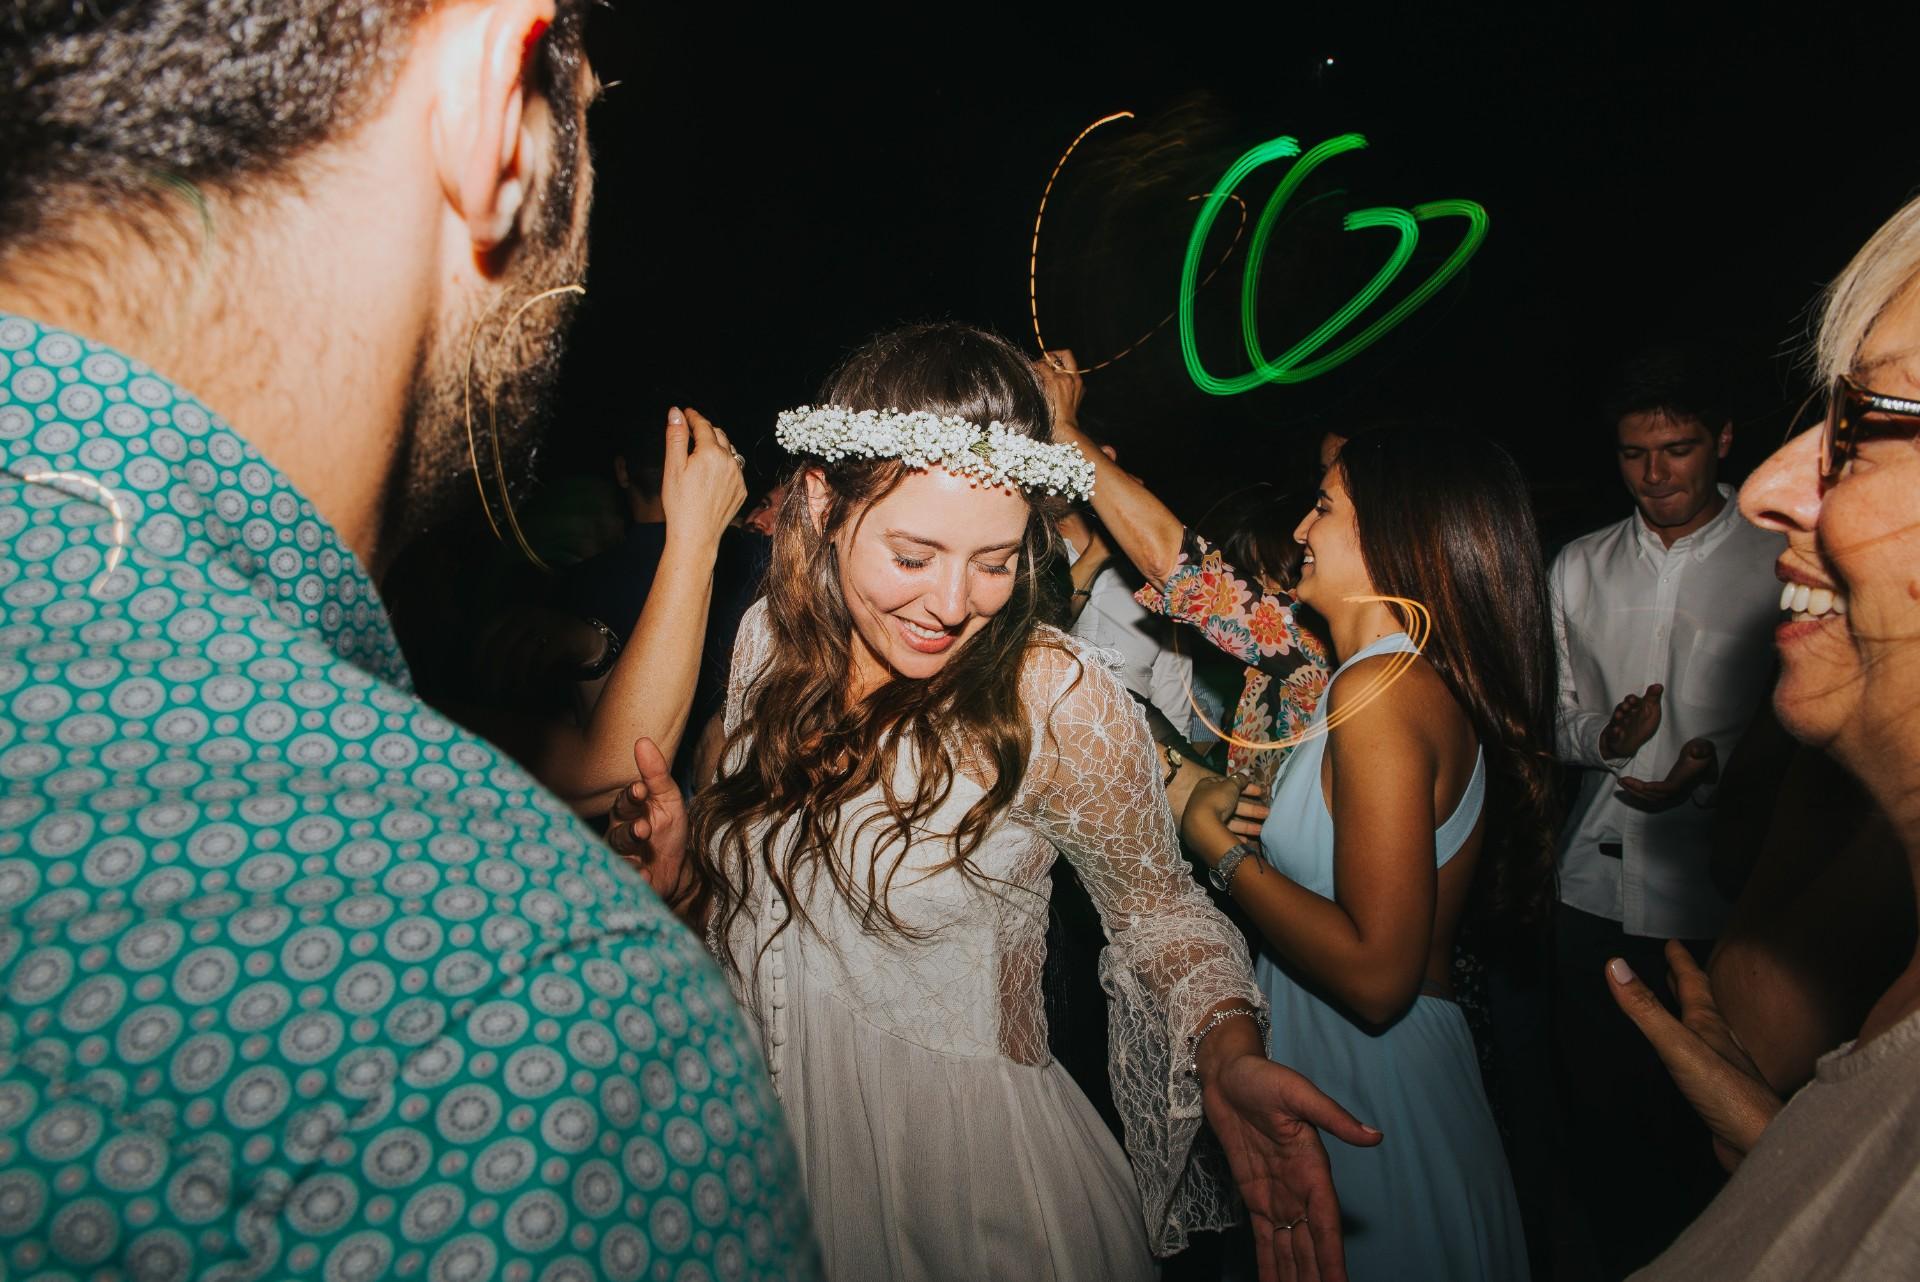 זוגות מספרים: כך בונים את הפלייליסט למסיבה המושלמת